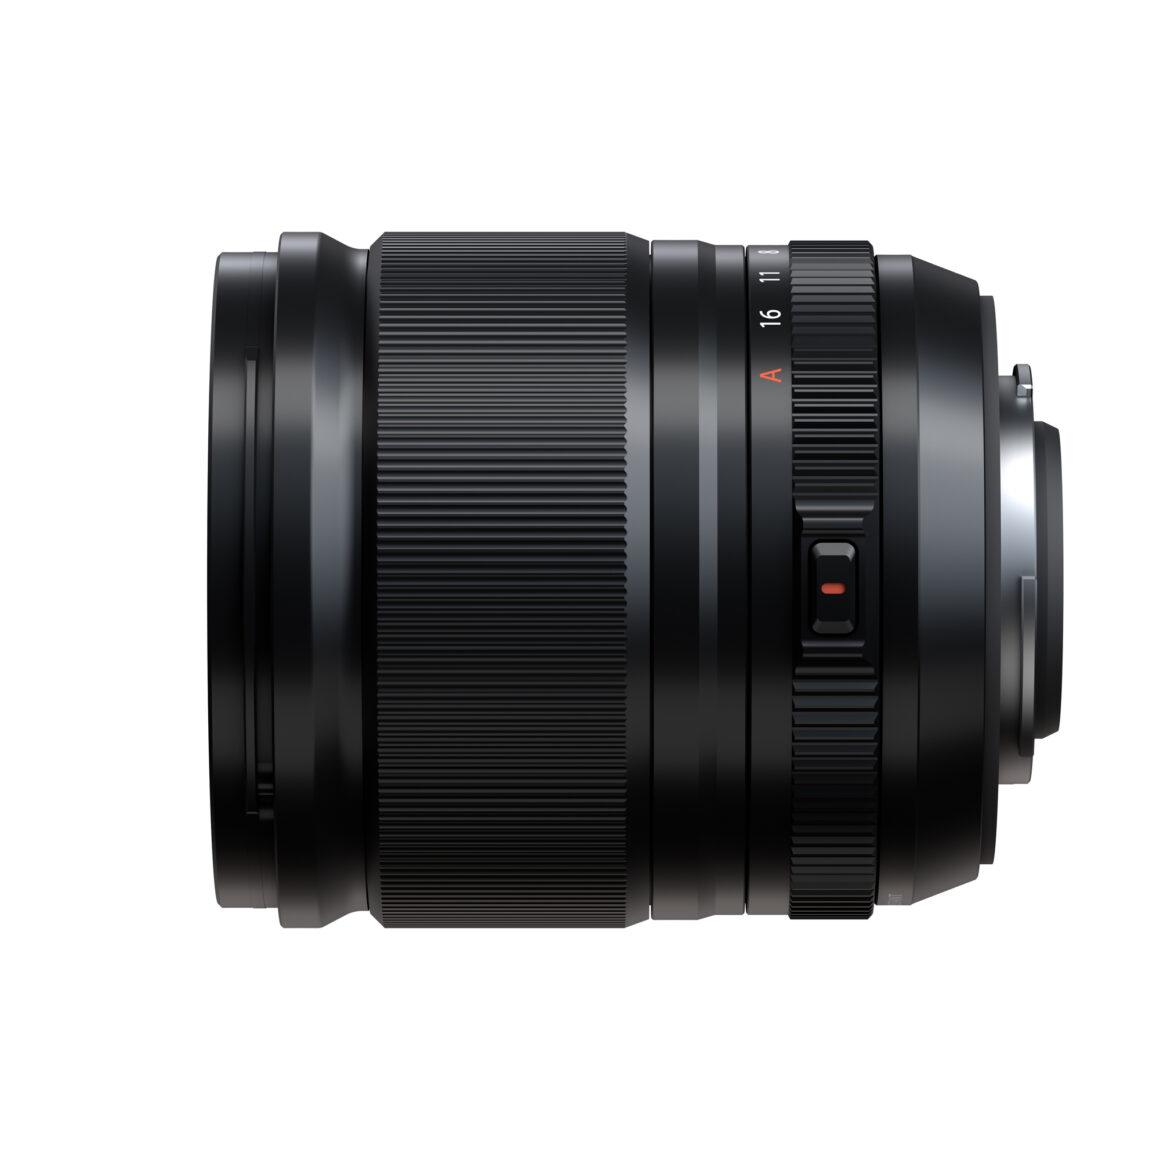 Fujinon XF 18mm f/1.4 R LM WR © Fujifilm